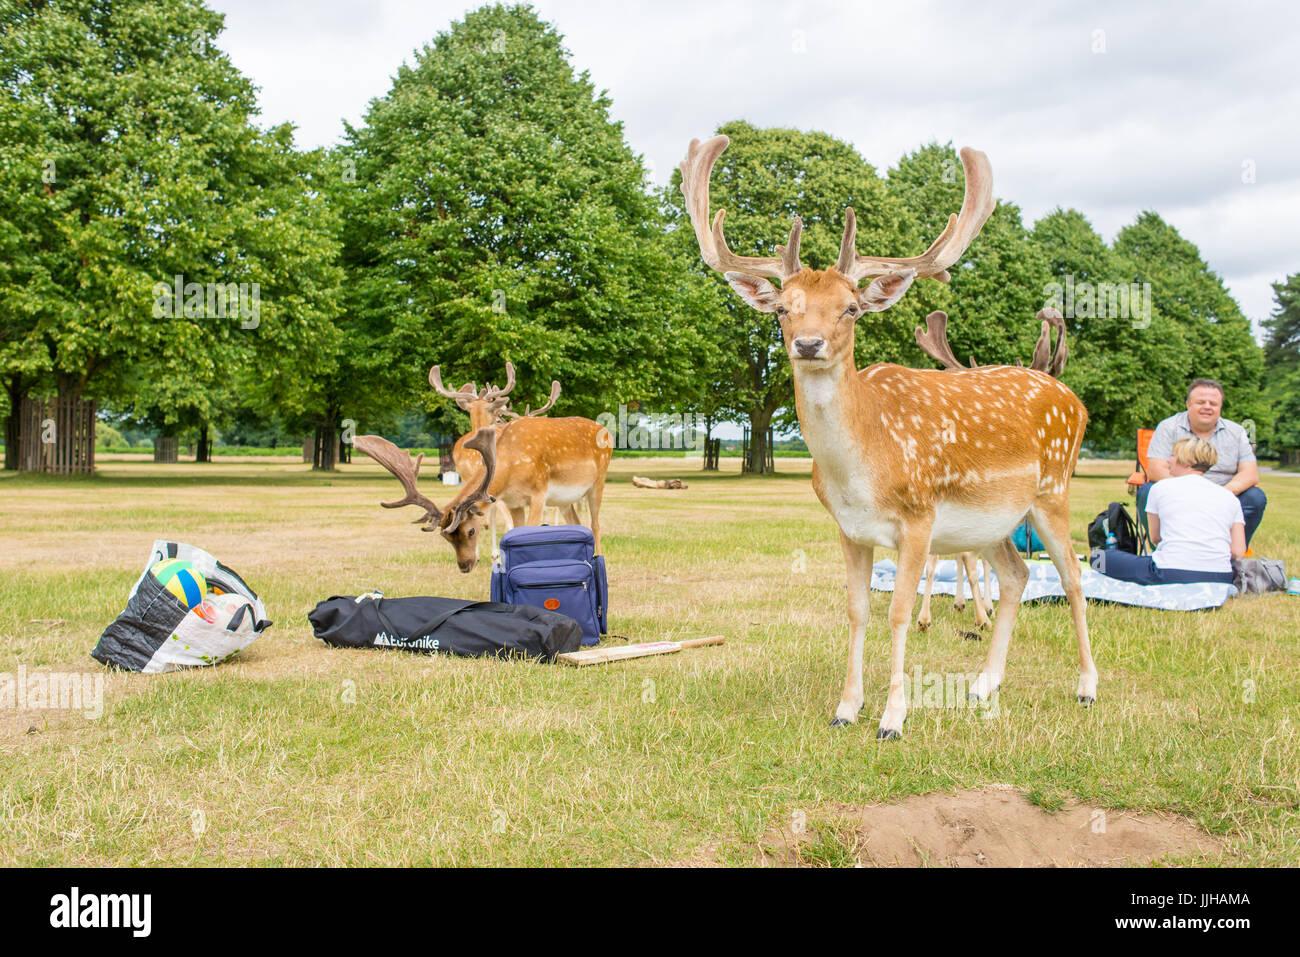 Richmond, London, UK - Juli 2017: Herde Damhirsche auf einem Rasen Wiese in Bushy Park neben zwei Personen mit einem Stockbild